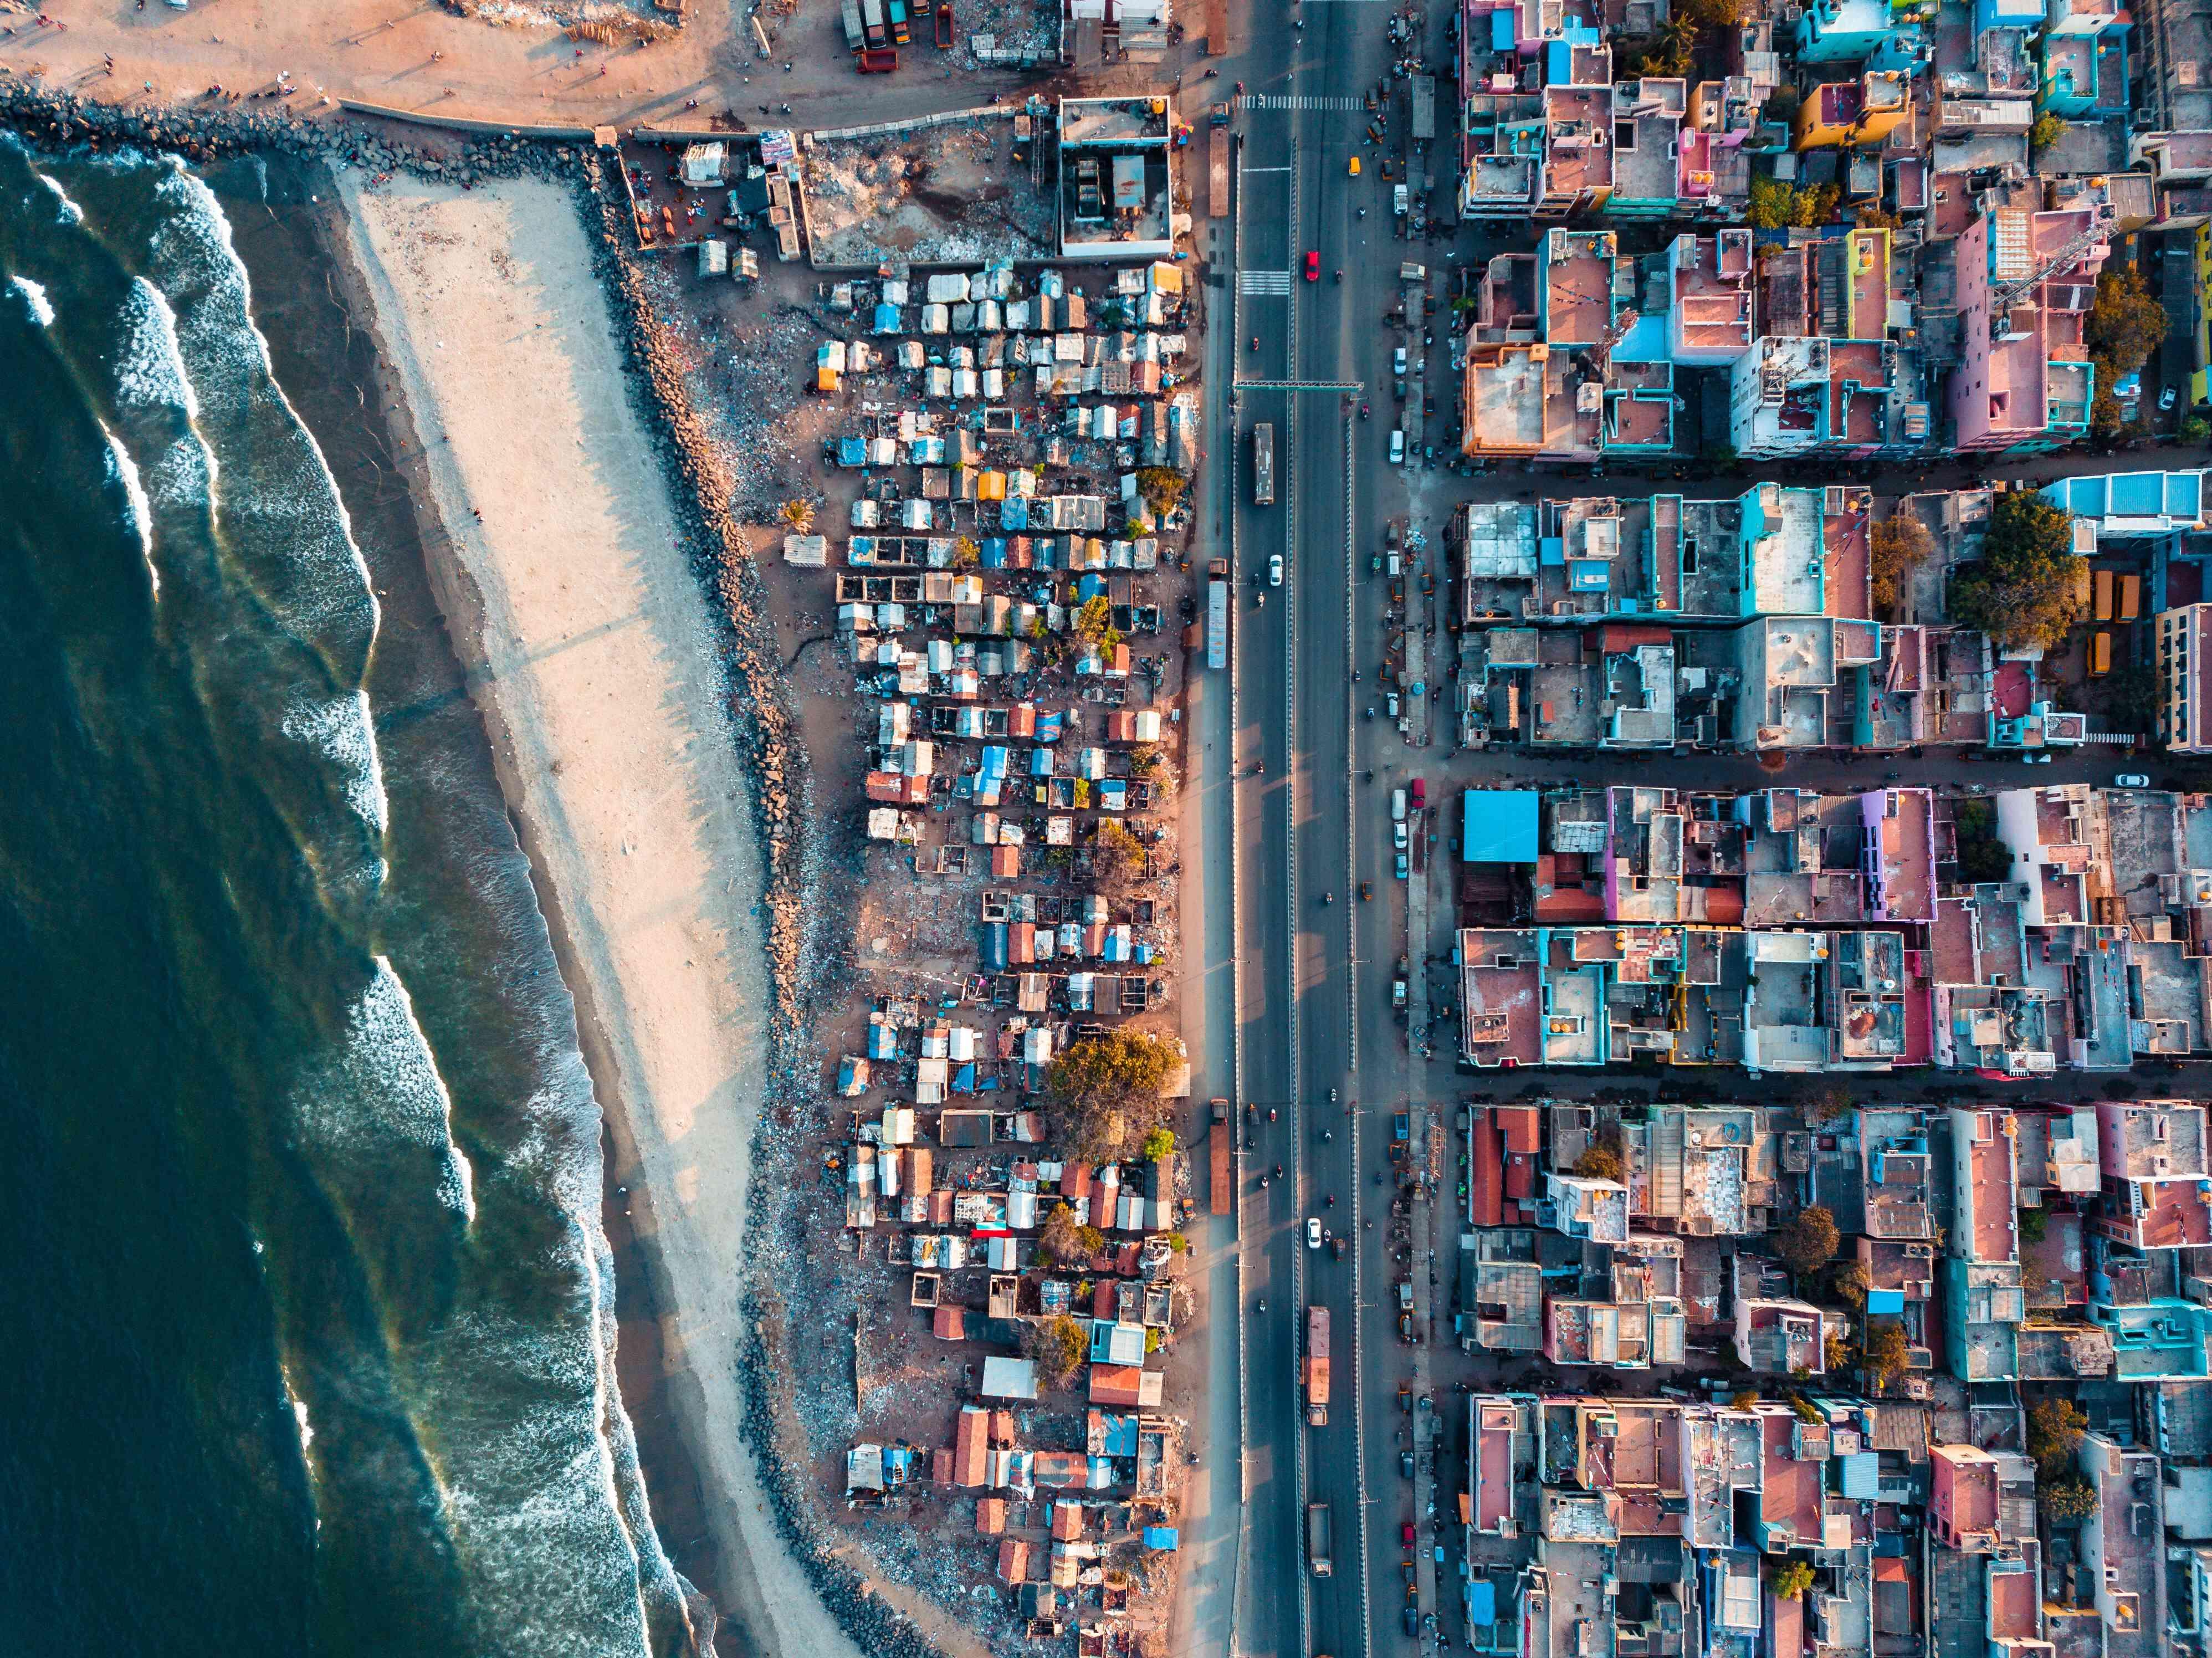 Vista aérea de edificios y mar